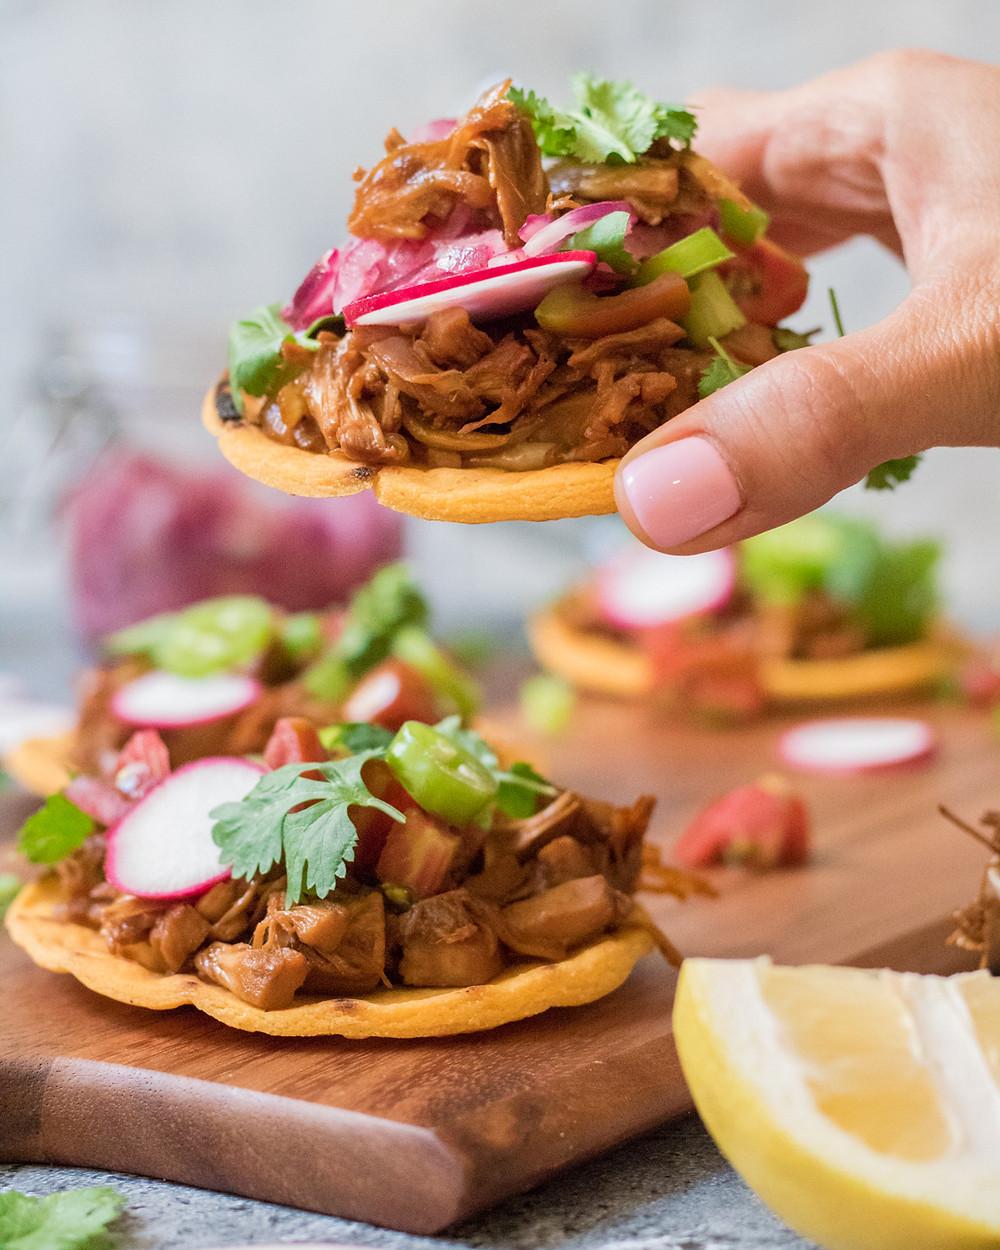 טורטיות תירס ללא גלוטן במילוי עוף טבעוני ברוטב אסיאתי עם ירקות טריים